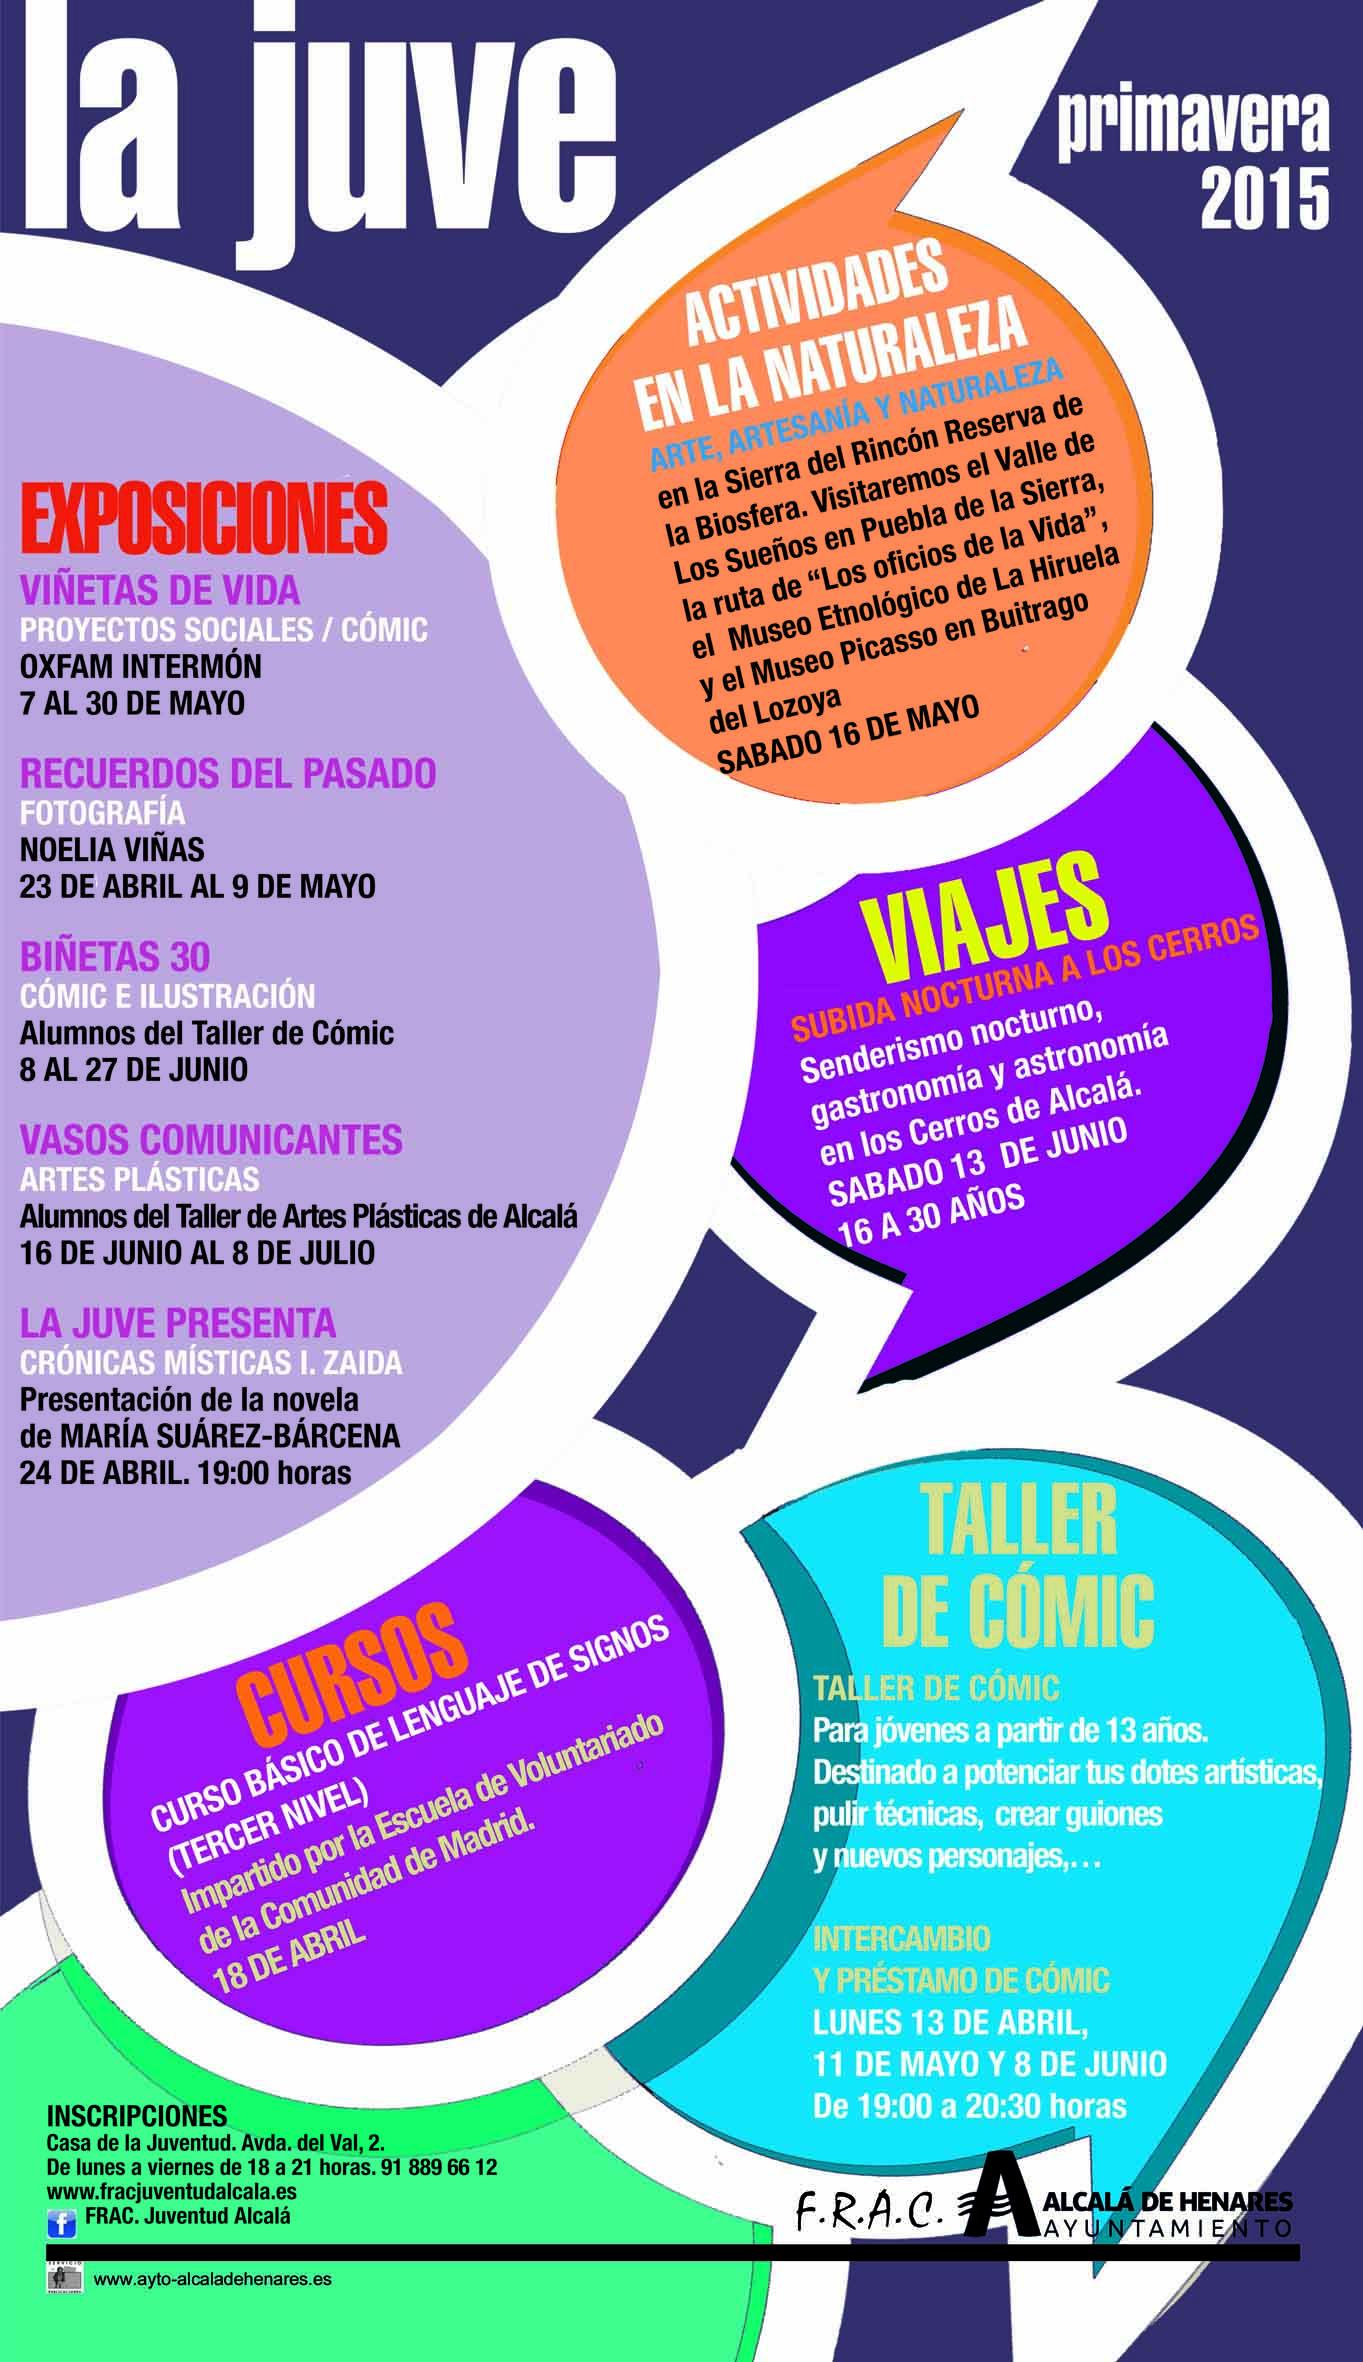 El Ayuntamiento De Alcalá Convoca Un Certamen Para Elegir Un Logotipo Para La Casa De La Juventud